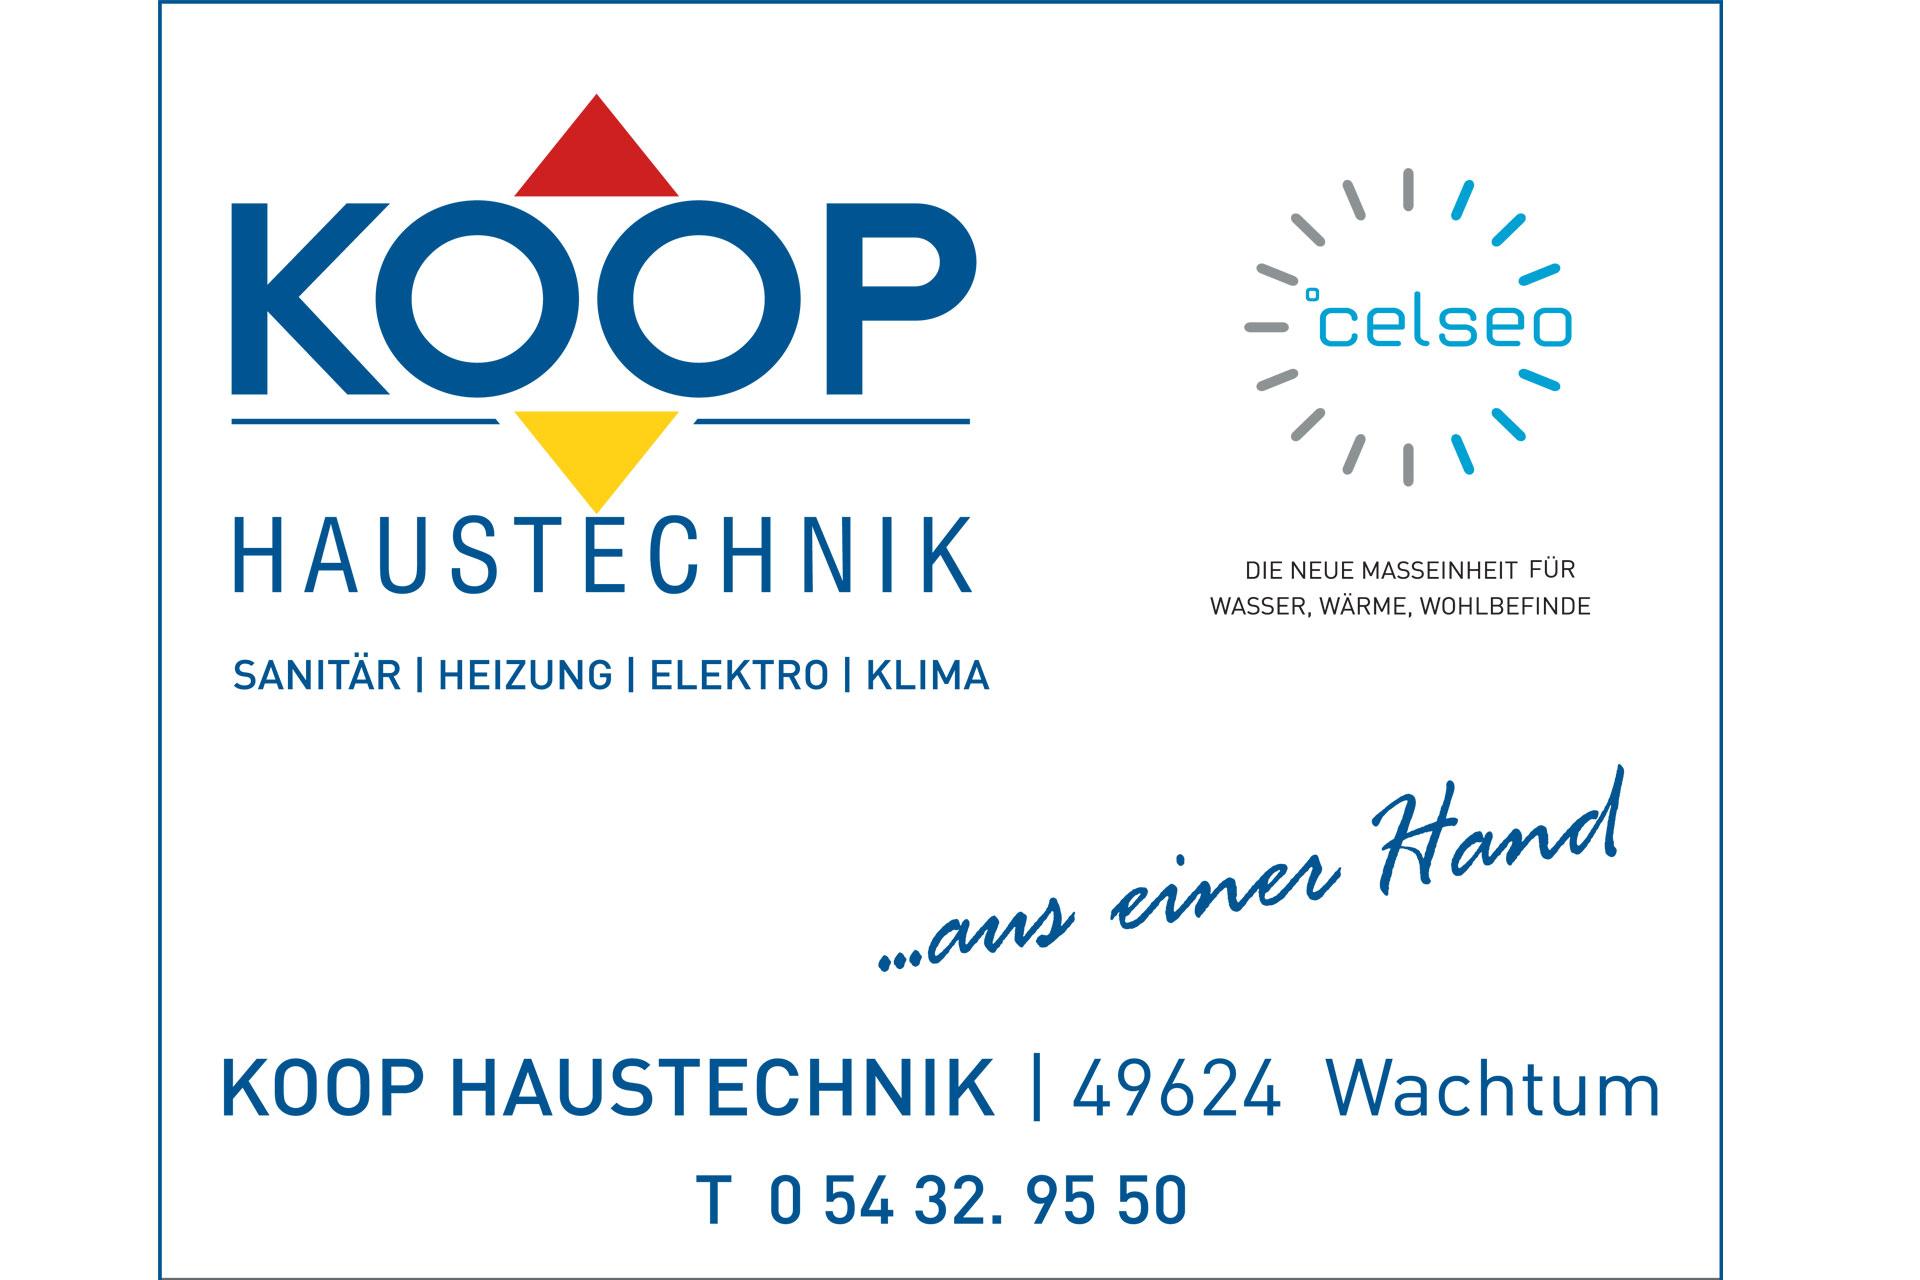 zum Bild: Logo Koop Haustechnik.